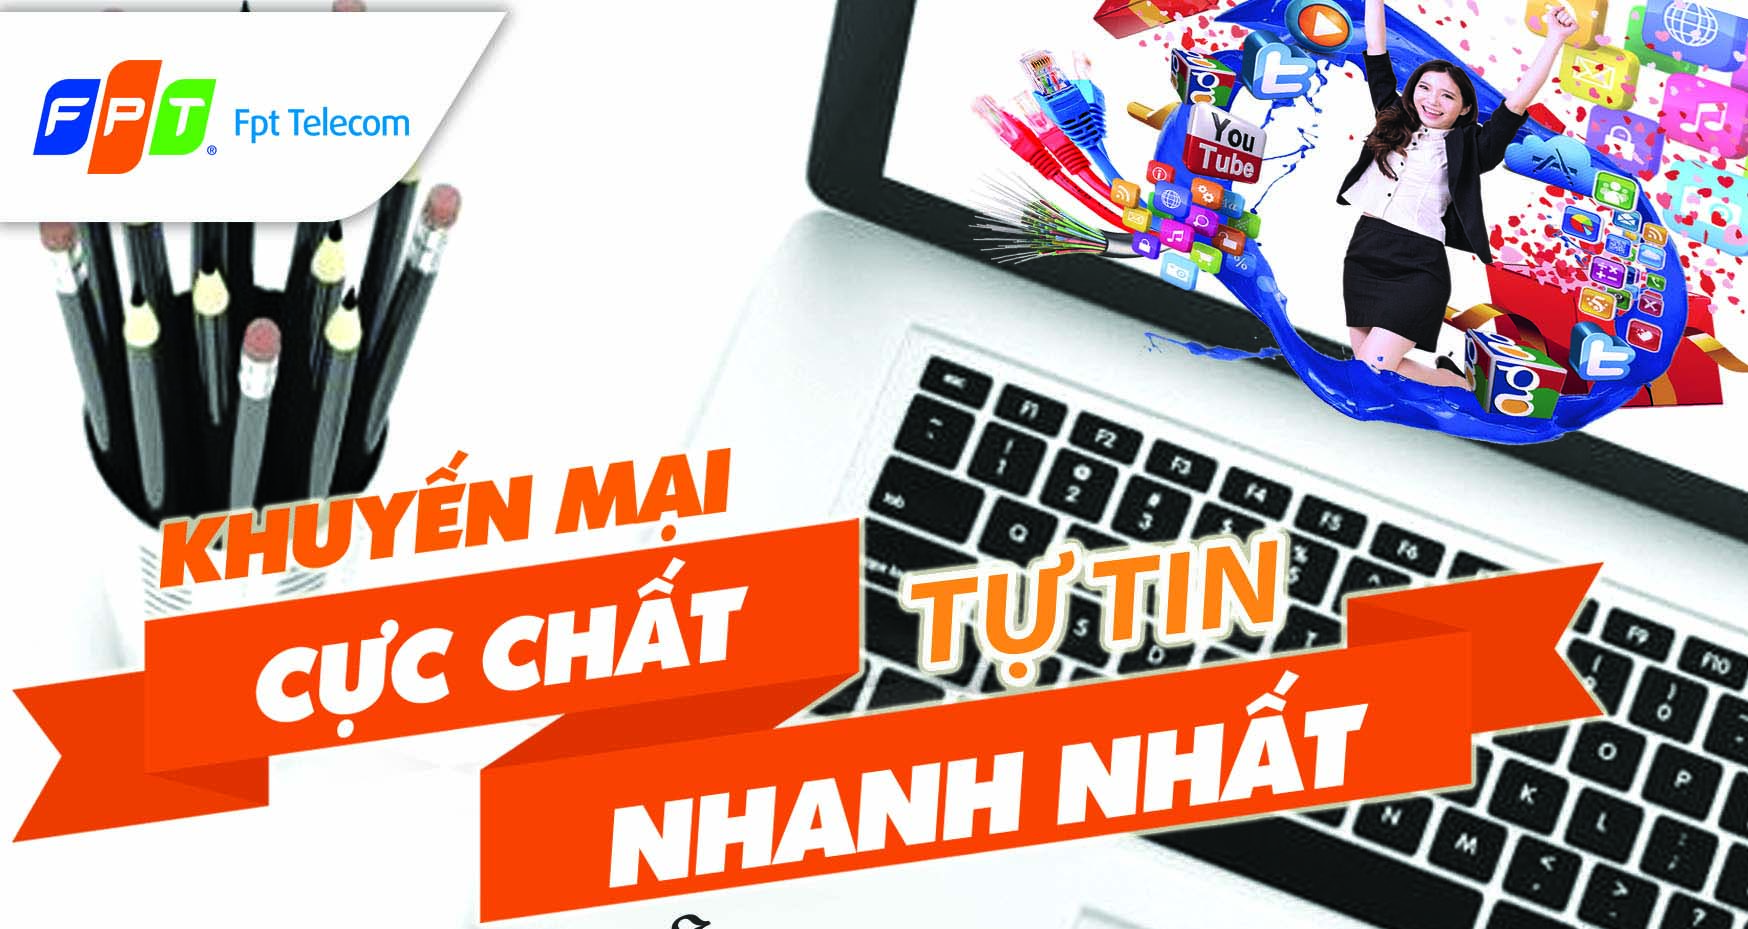 Lắp đặt internet cáp quang và truyền hình FPT tại Hà Nội khuyến mãi lớn tháng 6-2019